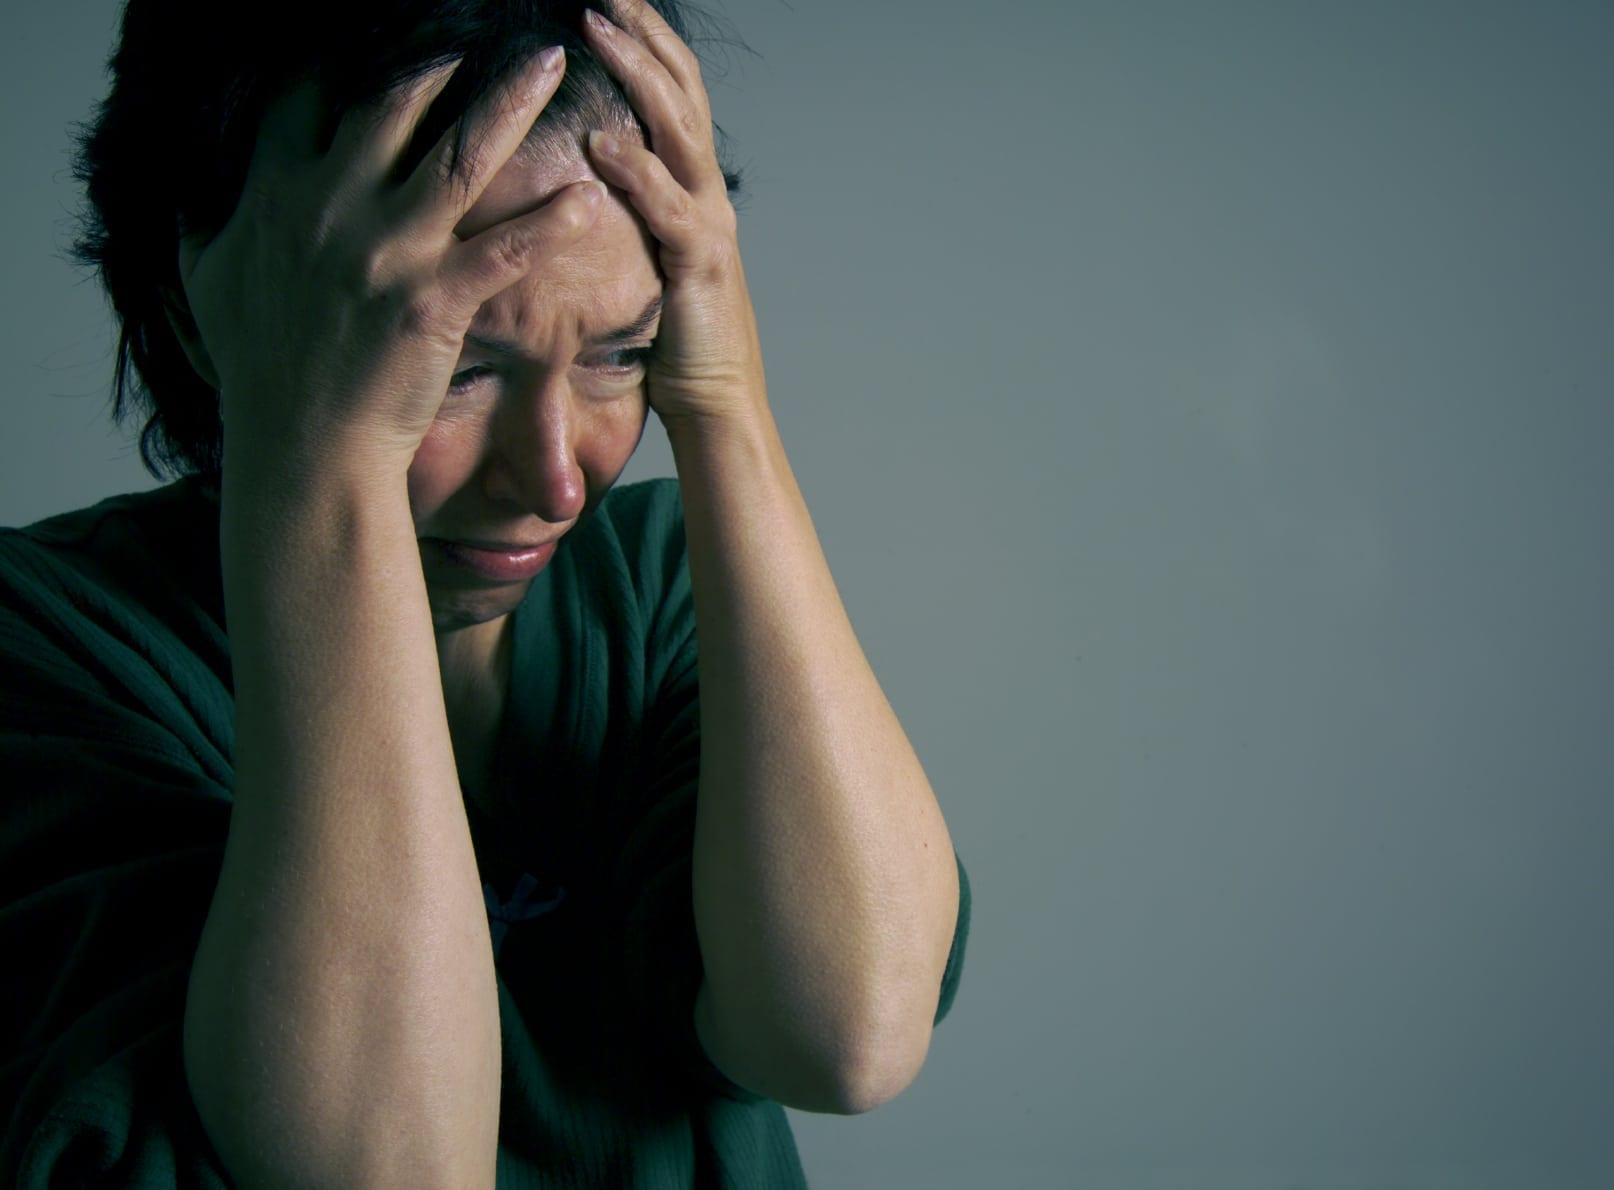 Алкогольная шизофрения: развитие и дальнейшее лечение